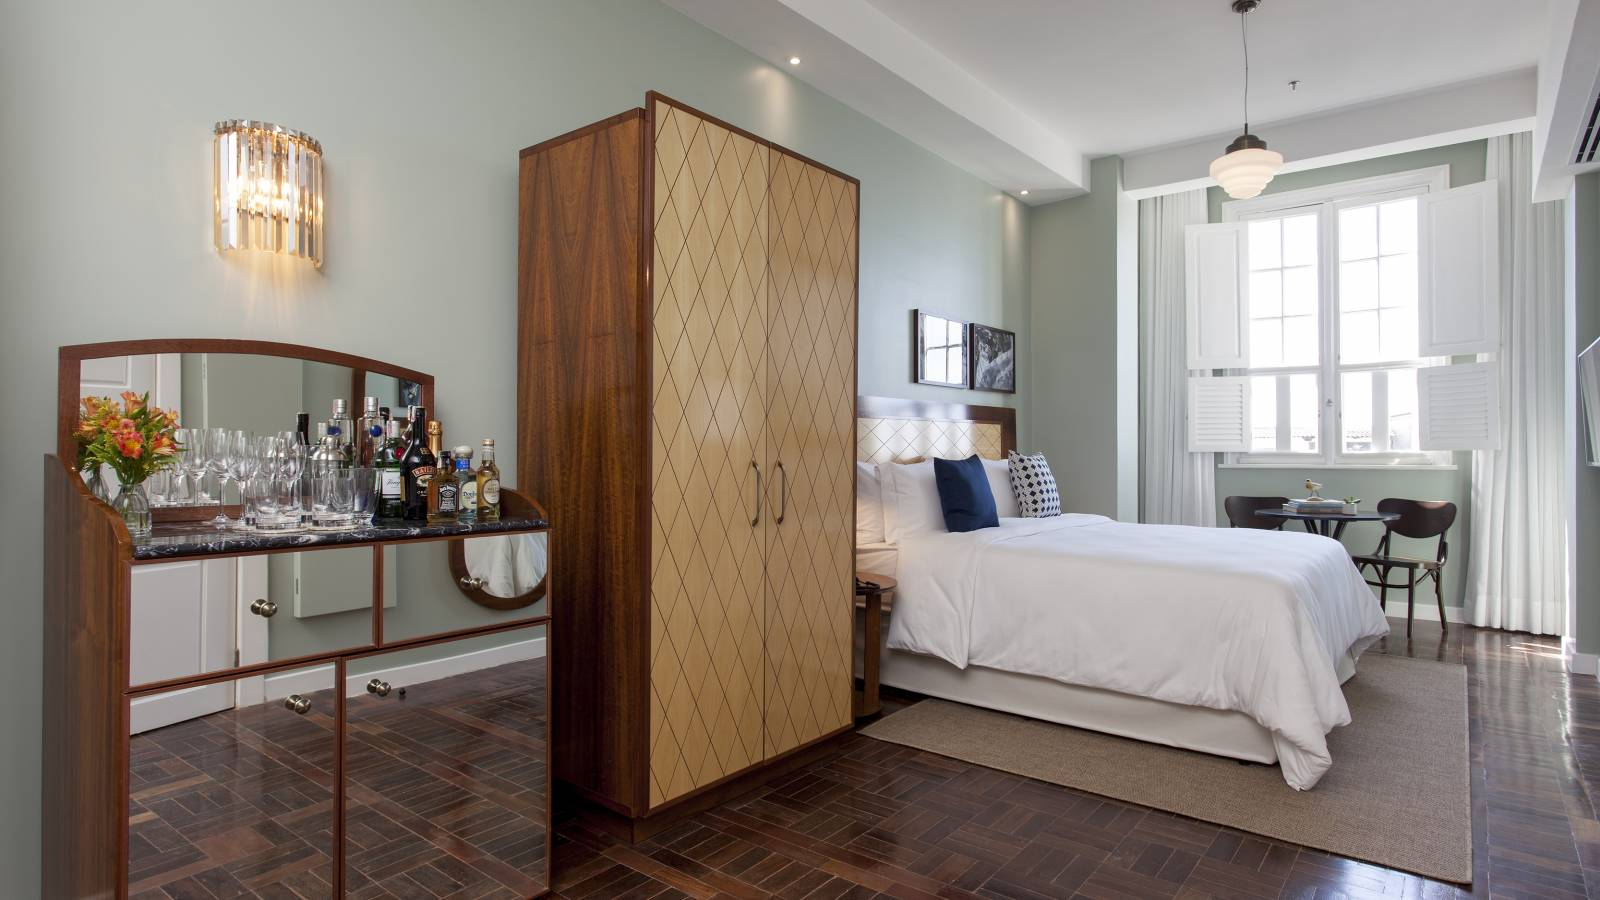 JR SUITE - Fera Palace Hotel - SPOL Architects